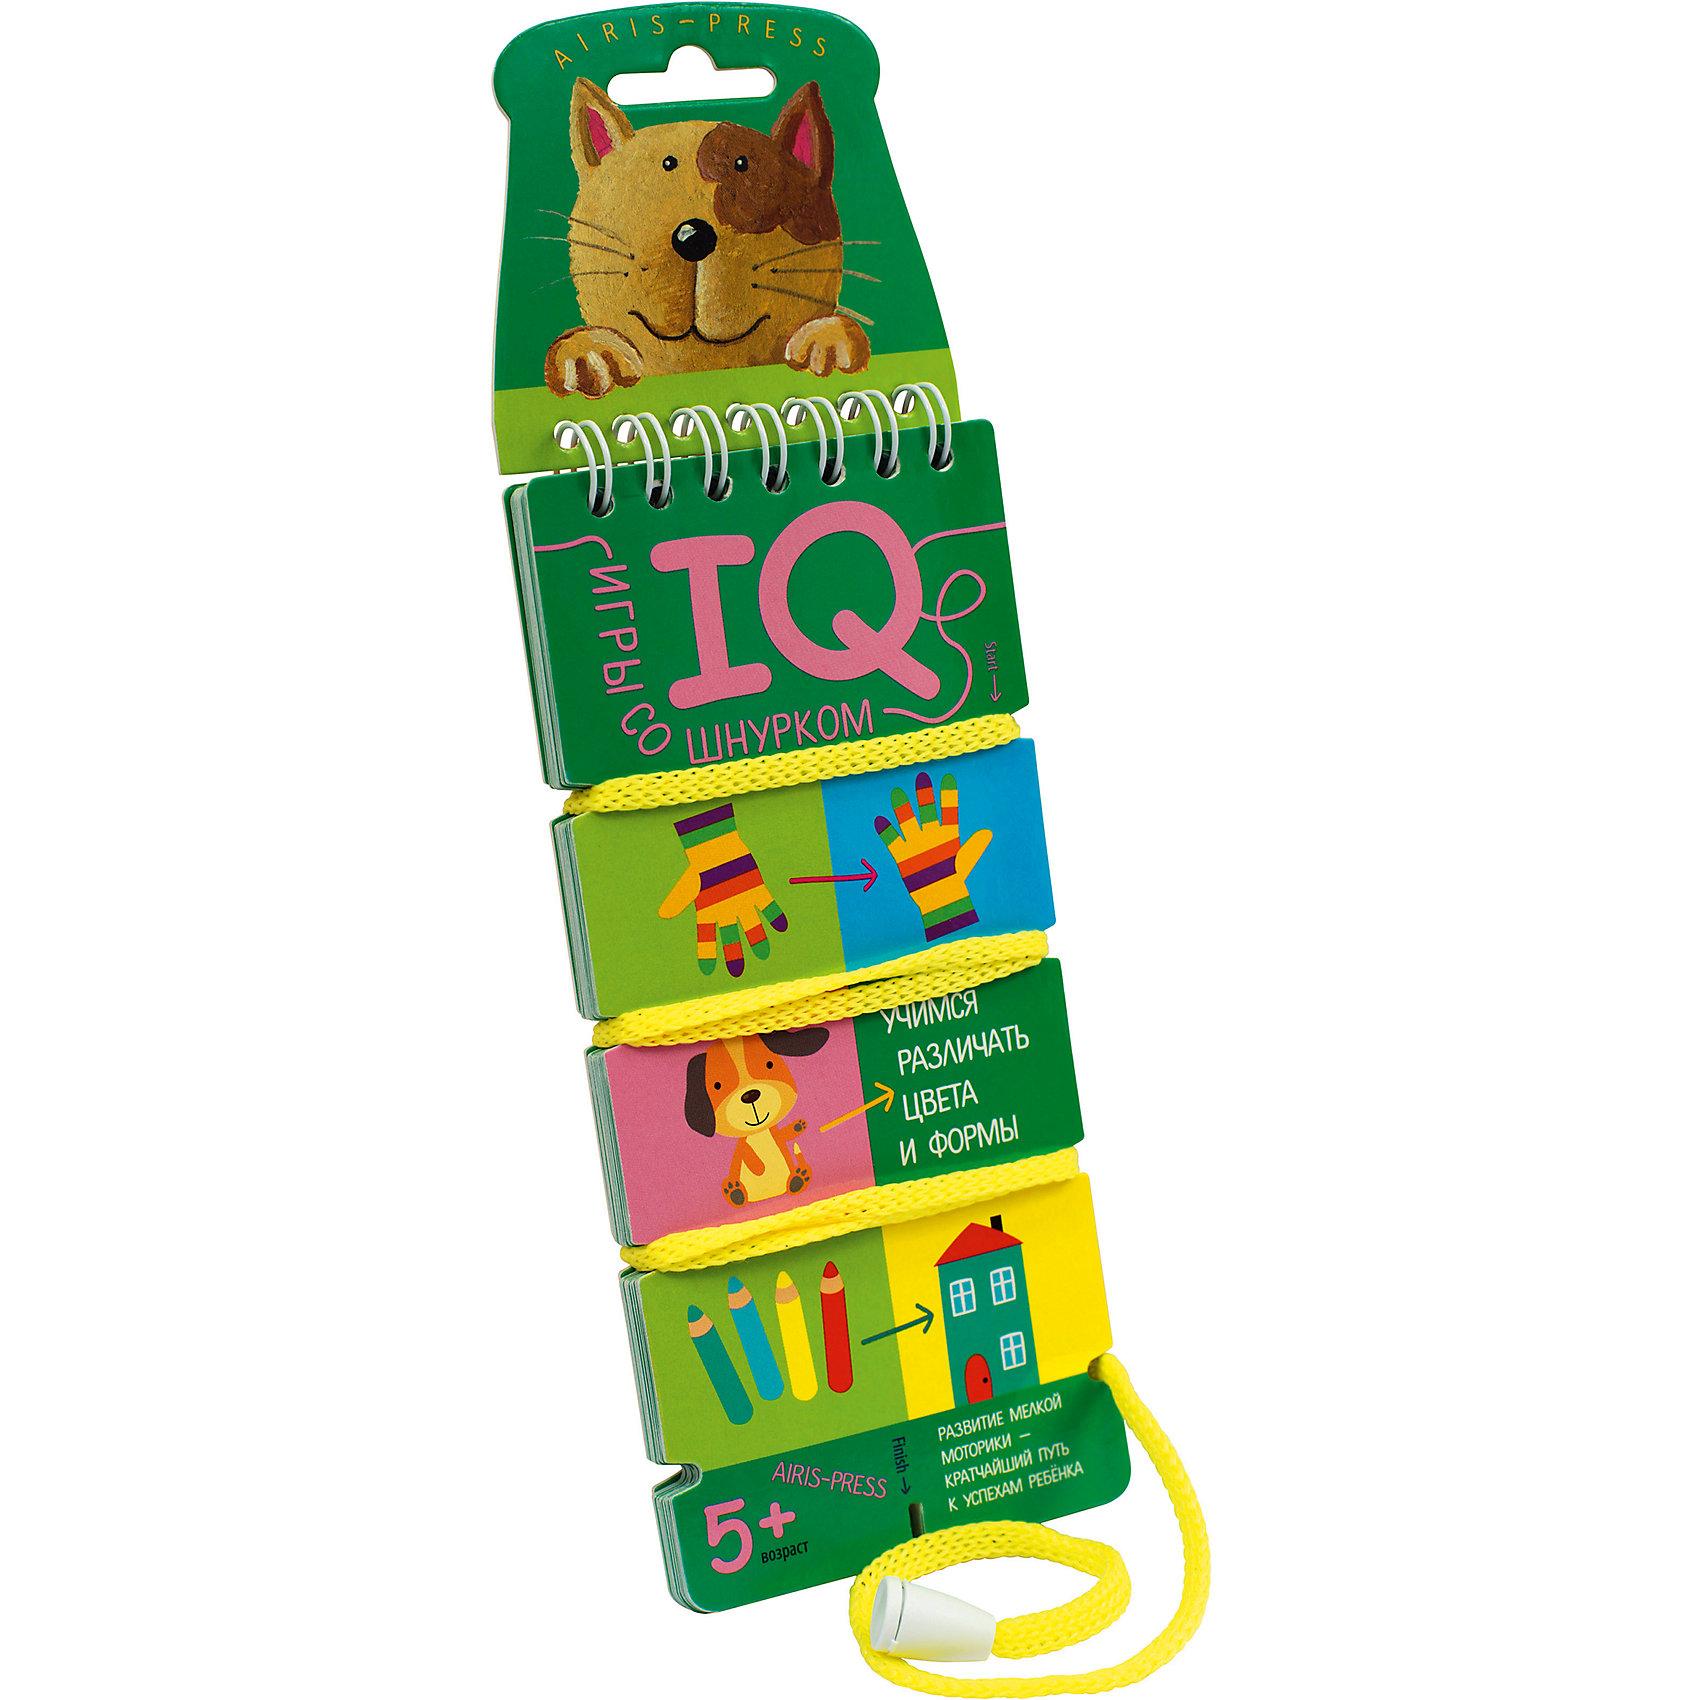 Игры со шнурком Учимся различать цвета и формы, Куликова Е НШнуровки<br>Характеристики товара:<br><br>• возраст: от 5 лет<br>• комплектация: блокнот на пружине со шнурком, состоящий из 18 картонных карточек<br>• автор: Куликова Е.Н.<br>• производитель: Айрис-пресс<br>• серия: IQ игры со шнурком<br>• иллюстрации: цветные<br>• размер блокнота: 7х15,5 см.<br>• вес: 66 гр.<br><br>«Учимся различать цвета и формы» - это развивающее игровое пособие, с помощью которого ребенок научится воспринимать, различать и сравнивать цвета и формы. Интересная форма выполнения заданий и самопроверки увлекает детей и приучает к самостоятельным занятиям.<br><br>В блокноте 18 игровых карточек, переплёт с пружиной и прочный шнурок, надёжно прикреплённый металлической заклёпкой. На каждой карточке картинки-задания. Для каждой картинки необходимо подобрать пару. Схема, по которой нужно подбирать пару, нарисована.<br><br>Для проверки правильности выполнения заданий используется шнурок. Пары последовательно соединяются шнурком. В результате шнурок определенным образом переплетает карточку. Если шнурок будет идти по линиям, нарисованным с обратной стороны карточки, значит задание выполнено, верно.<br><br>Игры со шнурком развивают внимание, усидчивость, самодисциплину, мышление, мелкую моторику и координацию движений. Интуитивно понятные задания помогают ребёнку почувствовать уверенность в своих силах и учиться с удовольствием.<br><br>Игры со шнурком - это простое и удобное пособие для занятий в детском саду, дома и на отдыхе.<br><br>Игры со шнурком Учимся различать цвета и формы, Куликова Е Н можно купить в нашем интернет-магазине.<br><br>Ширина мм: 36<br>Глубина мм: 70<br>Высота мм: 160<br>Вес г: 62<br>Возраст от месяцев: 60<br>Возраст до месяцев: 84<br>Пол: Унисекс<br>Возраст: Детский<br>SKU: 6849572